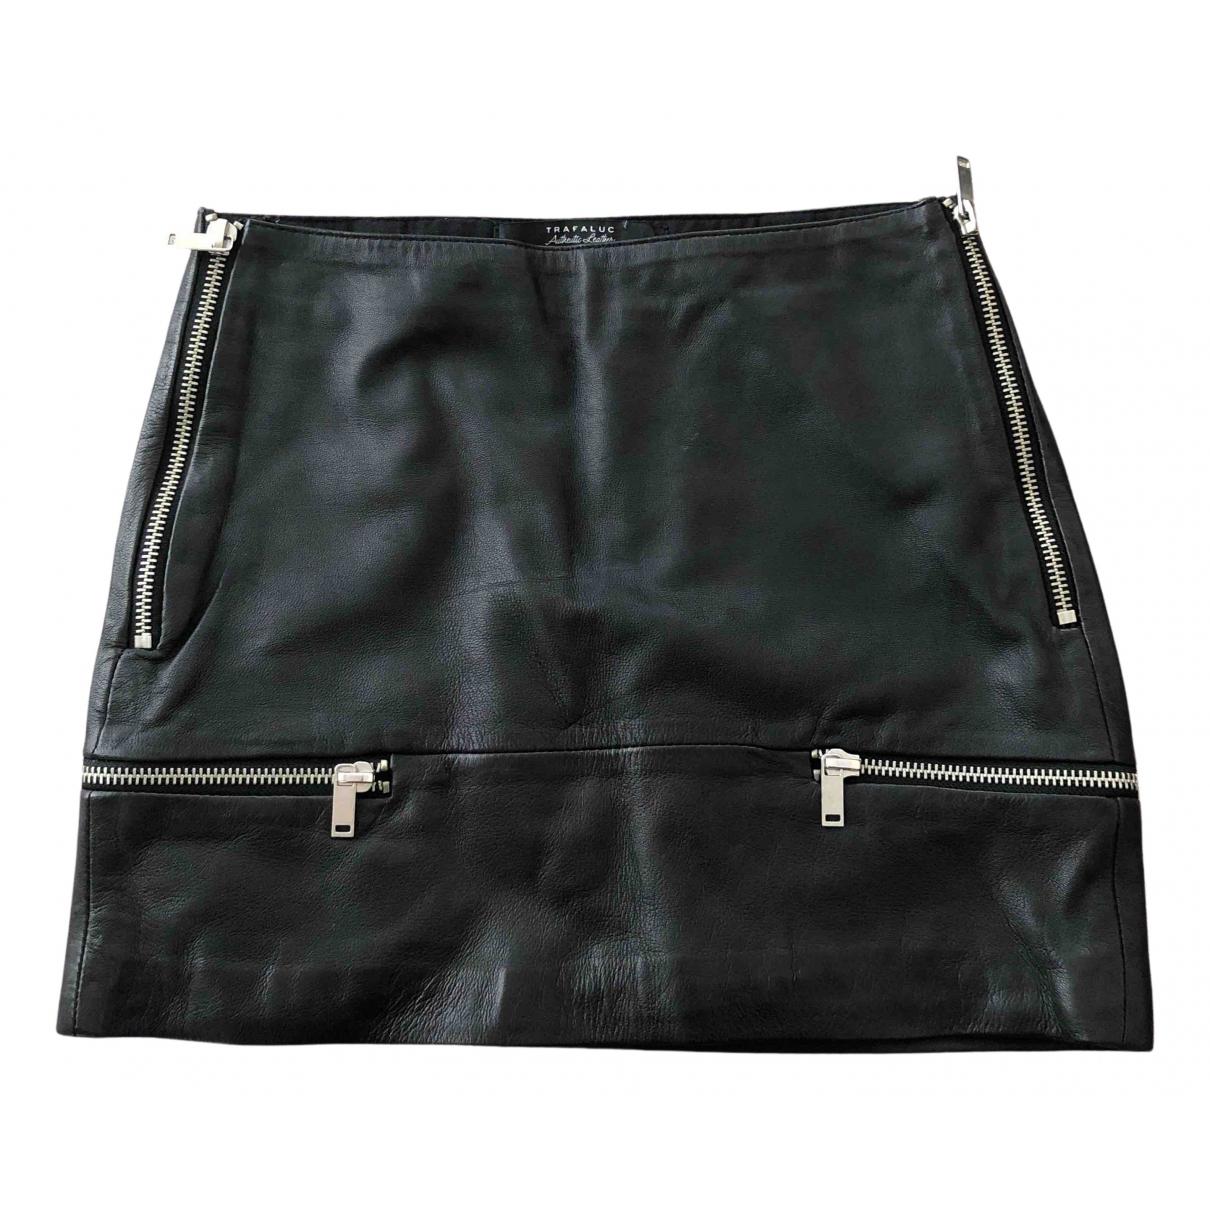 Zara - Jupe   pour femme en cuir - noir